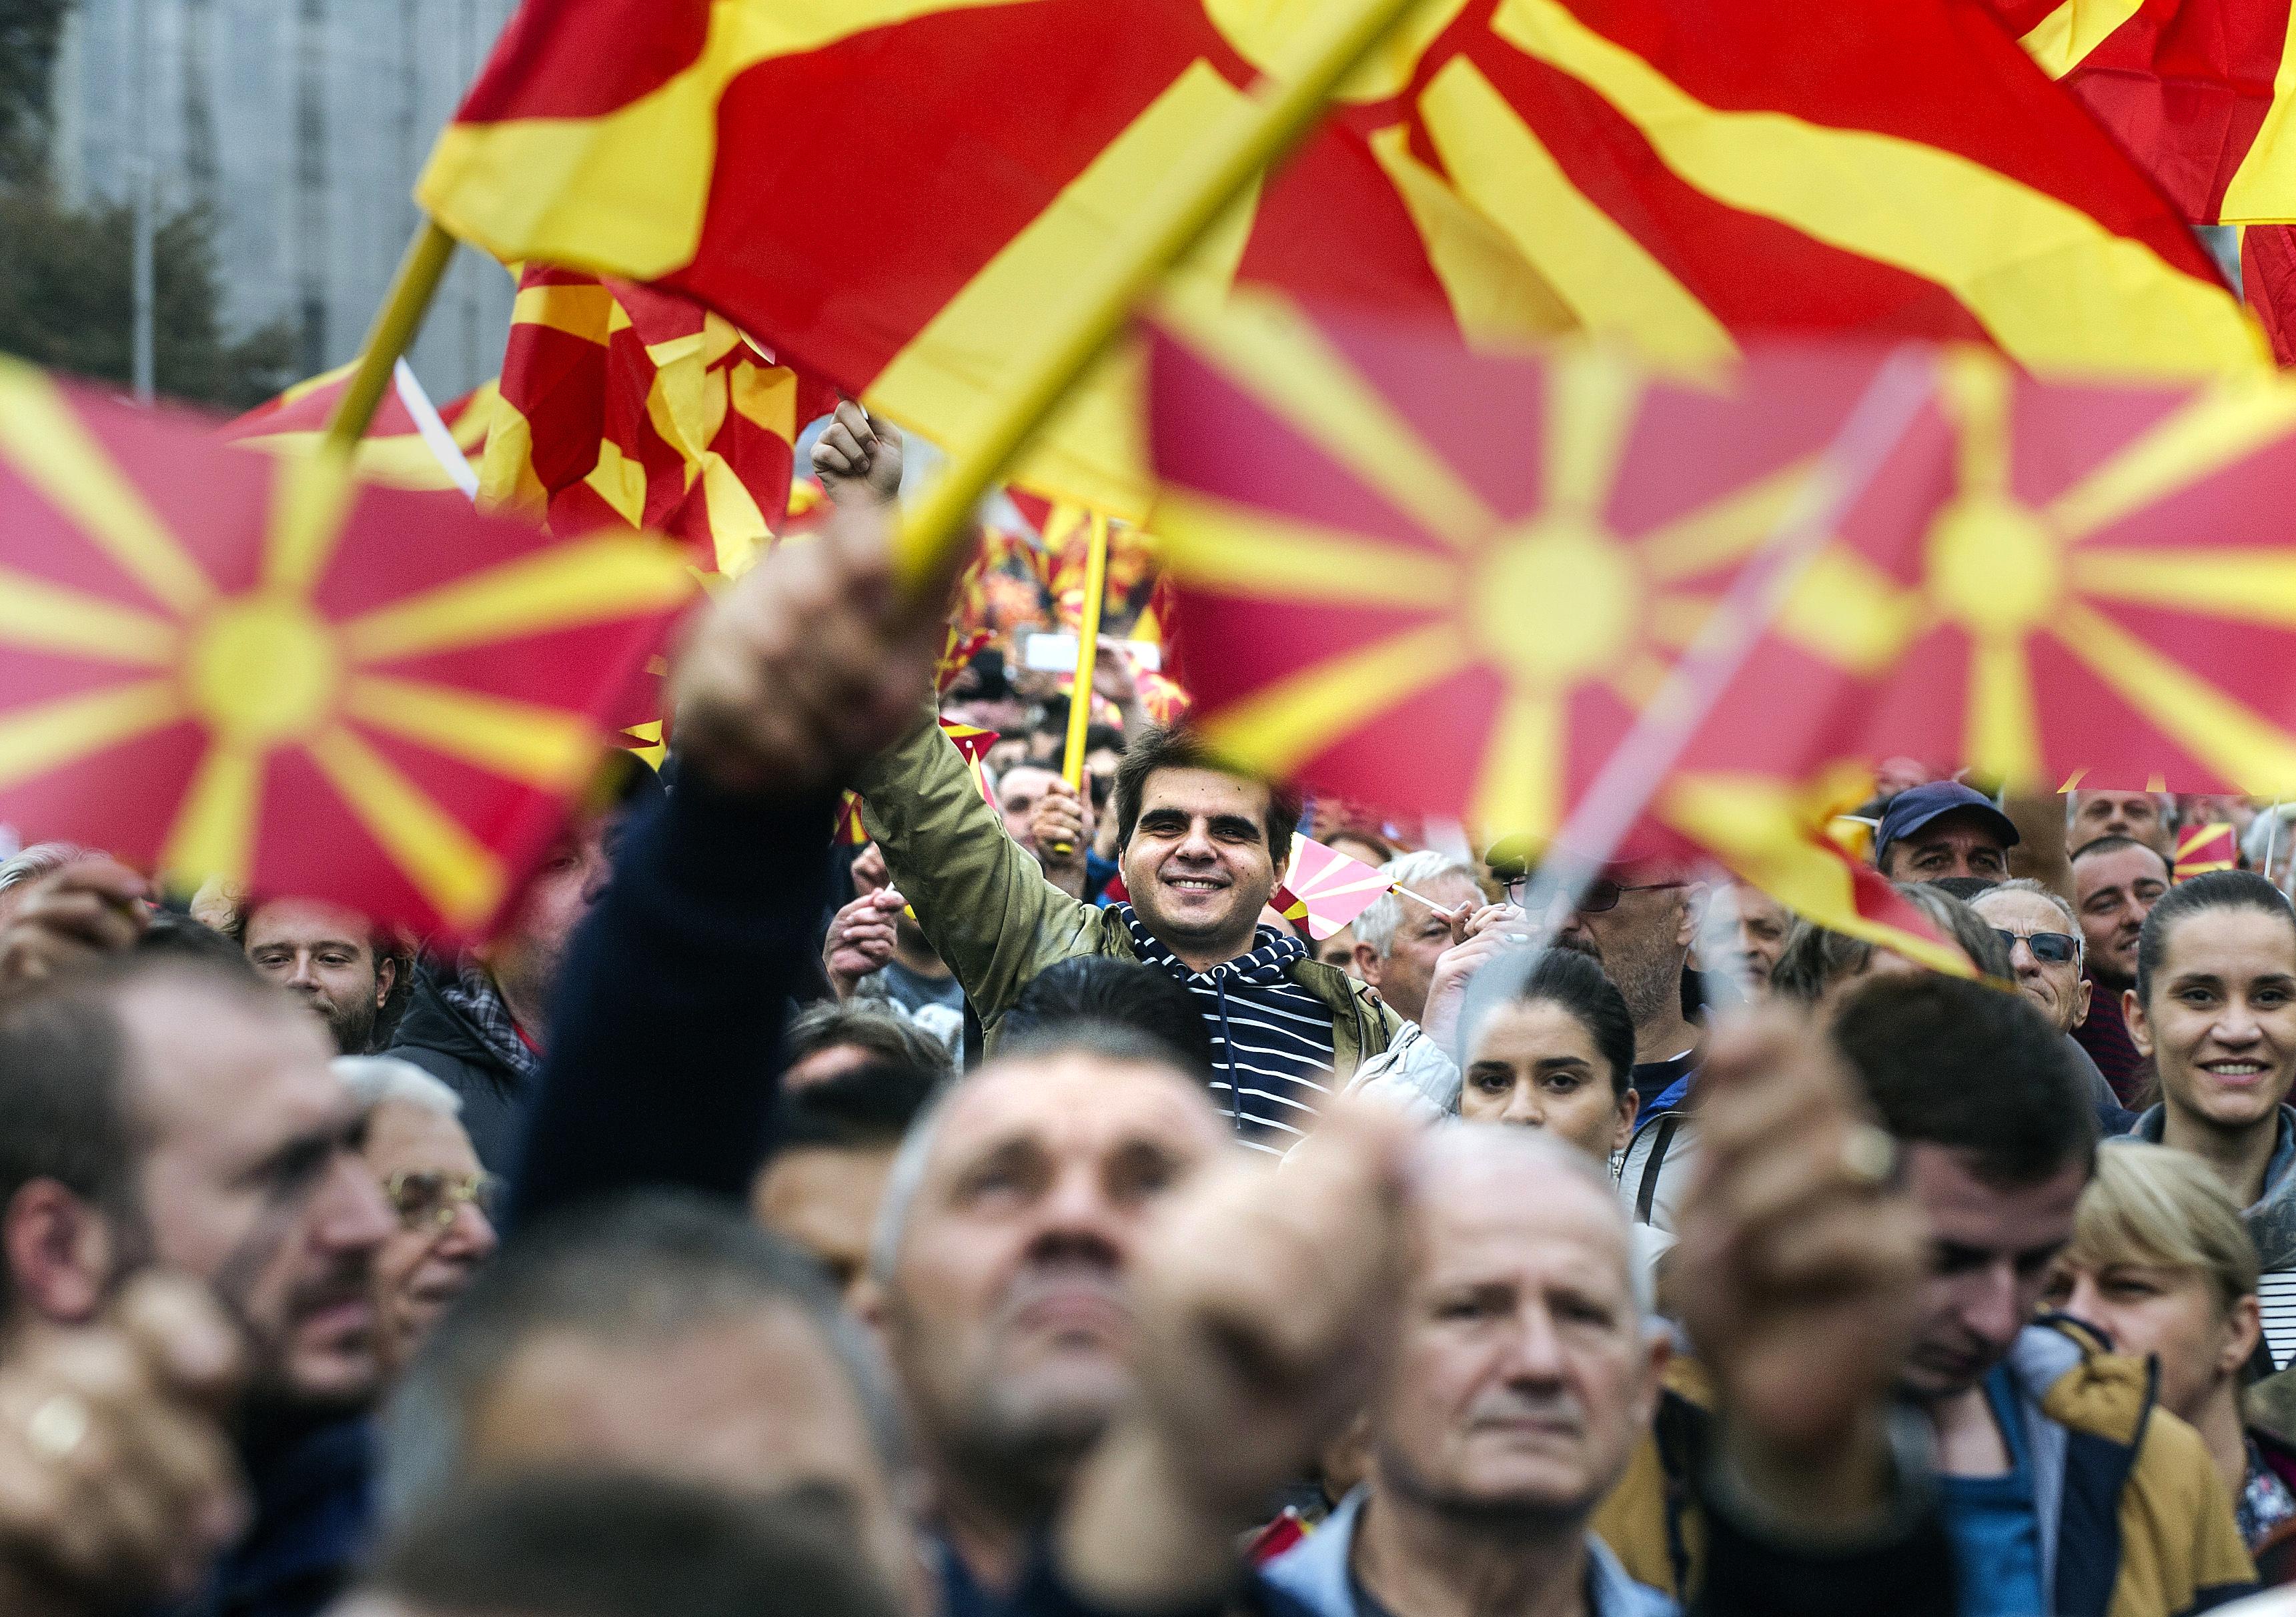 Bulgária az EU-tagsággal zsarolja a macedónokat, hogy ismerjék el, hogy valójában bolgárok